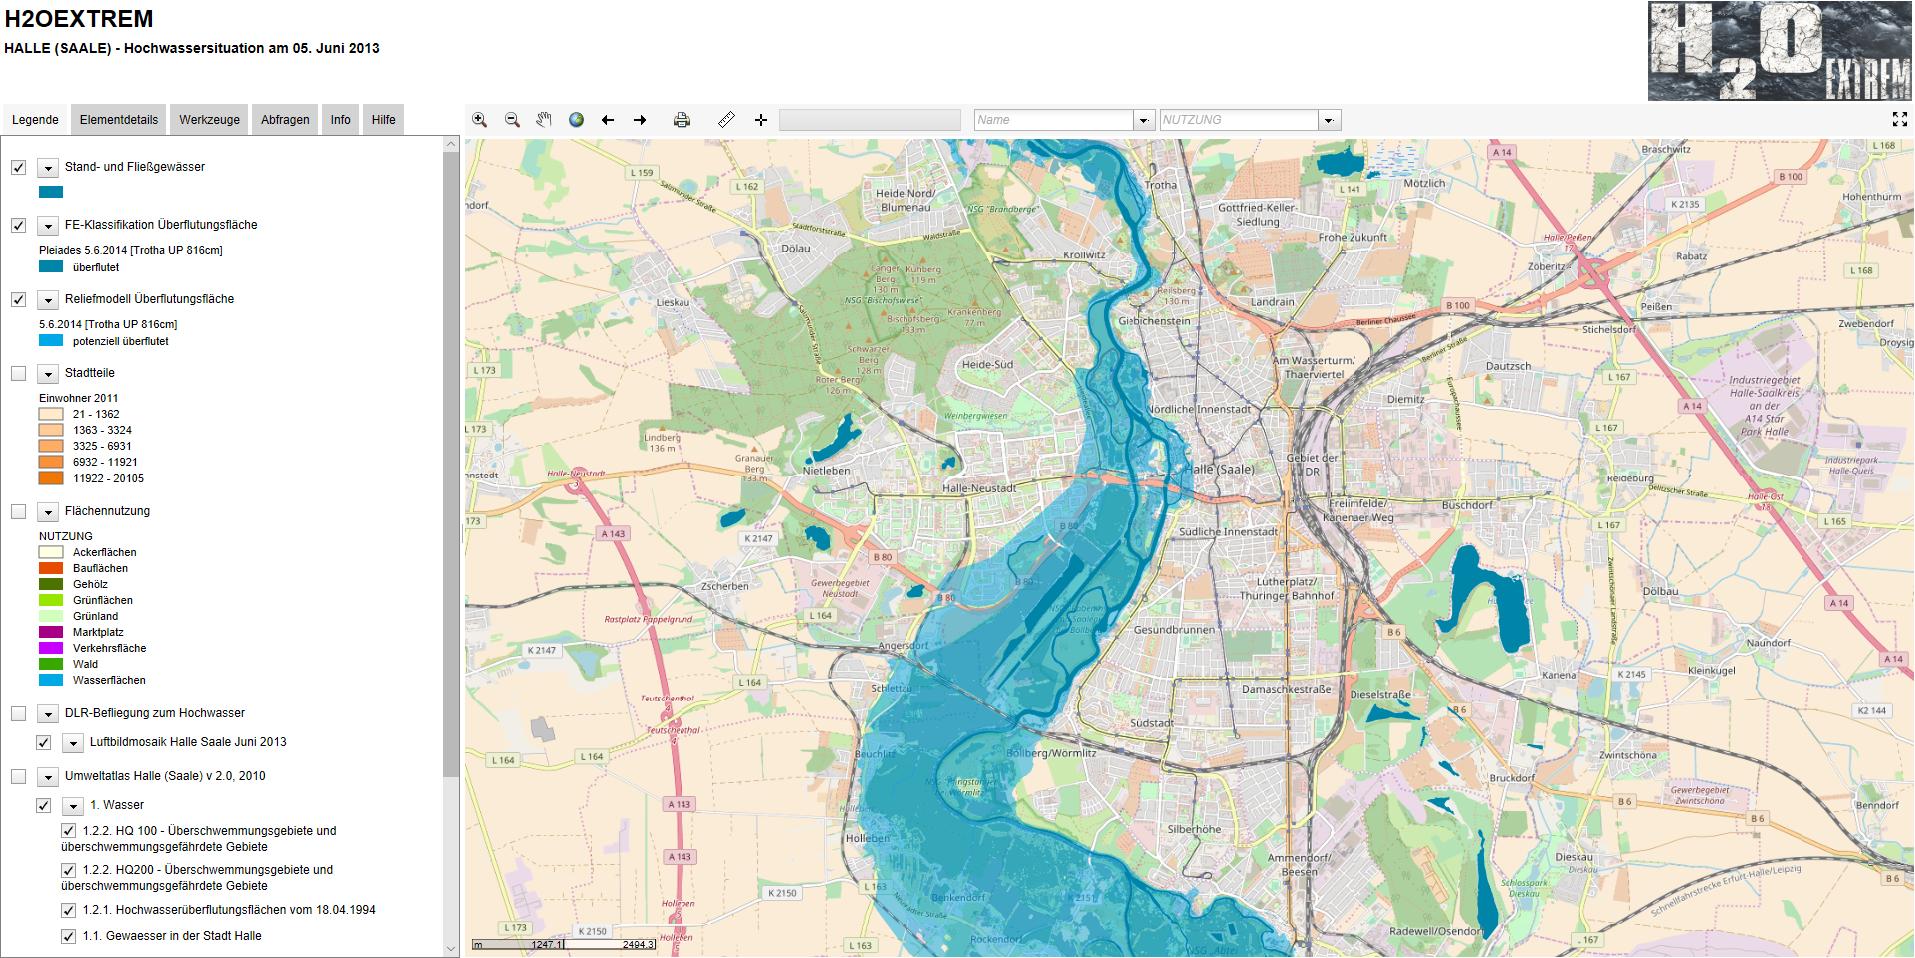 Halle Saale Karte.Jahrhunderthochwasser Halle Saale 2013 Klimaanpassung